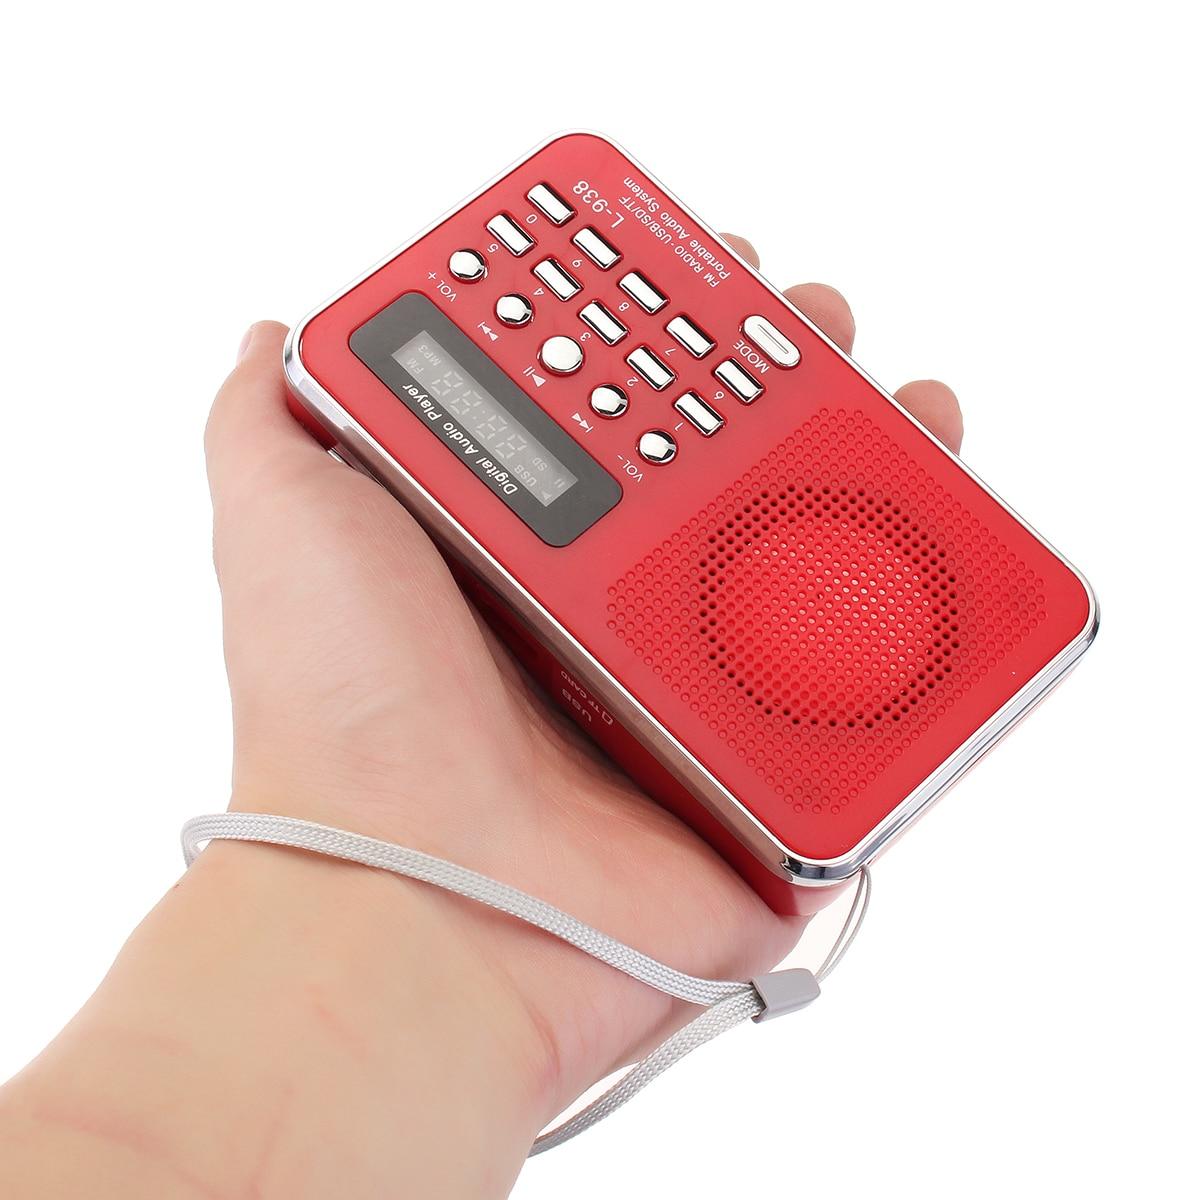 Bibel Audio Player Zurück Clip Design Tragbare Mp3 Player Lautsprecher Aux Sd Tf Karte Port Fm Radio Outdoor Walkman Für ältesten Geschenk SorgfäLtige Berechnung Und Strikte Budgetierung Hifi-player Unterhaltungselektronik